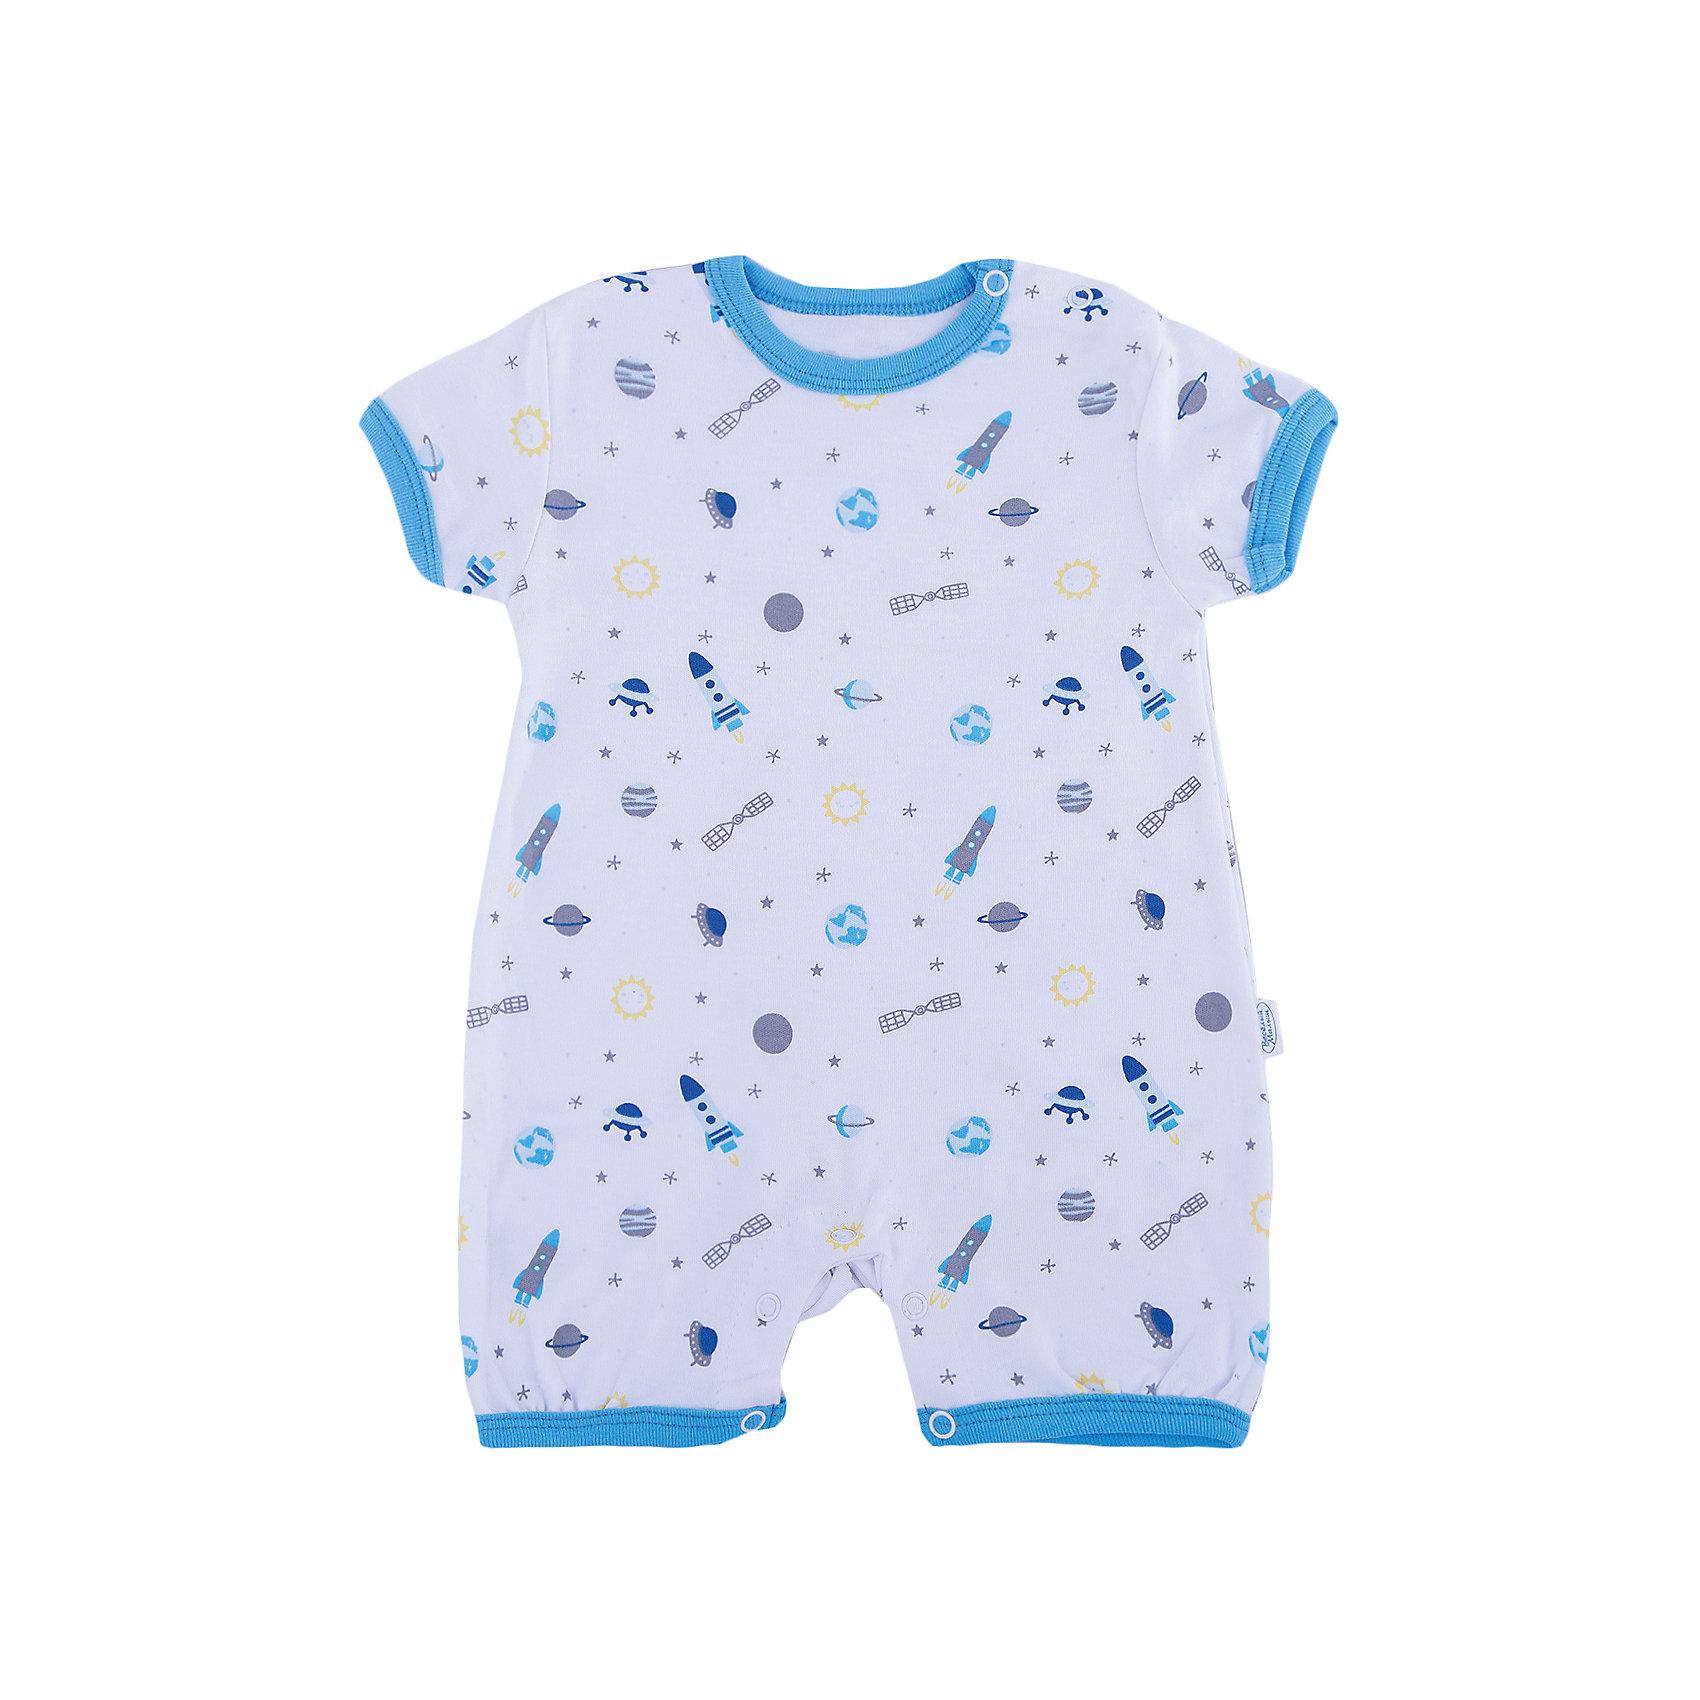 Песочник для мальчика Веселый малышПесочники<br>В заботе о ребенке важно всё! Одежда для малышей должна быть удобной и качественной - это один из необходимых факторов для правильного развития и хорошего самочувствия ребенка.<br>Эти песочники отличаются высоким качеством швов, хорошей окантовкой краёв изделия, что позволяет им хорошо фиксироваться на теле малыша, не сползать и не натирать. Застежки - удобные кнопки, которые не мешают ребенку. Материал - интерлок. Это плотная ткань из натурального хлопка, гладкая, приятная на ощупь, дышащая и гипоаллергенная. Расцветка изделий позволяет легко комбинировать их с различной одеждой. В наборе - два песочника разных расцветок.<br><br>Дополнительная информация:<br><br>материал: 100% хлопок интерлок;<br>застежки: кнопки;<br>короткий рукав;<br>комплектация: 2 песочника.<br><br>Комплект песочников от бренда Веселый малыш можно купить в нашем магазине.<br><br>Ширина мм: 157<br>Глубина мм: 13<br>Высота мм: 119<br>Вес г: 200<br>Цвет: белый<br>Возраст от месяцев: 2<br>Возраст до месяцев: 5<br>Пол: Мужской<br>Возраст: Детский<br>Размер: 62,68,74<br>SKU: 4810307